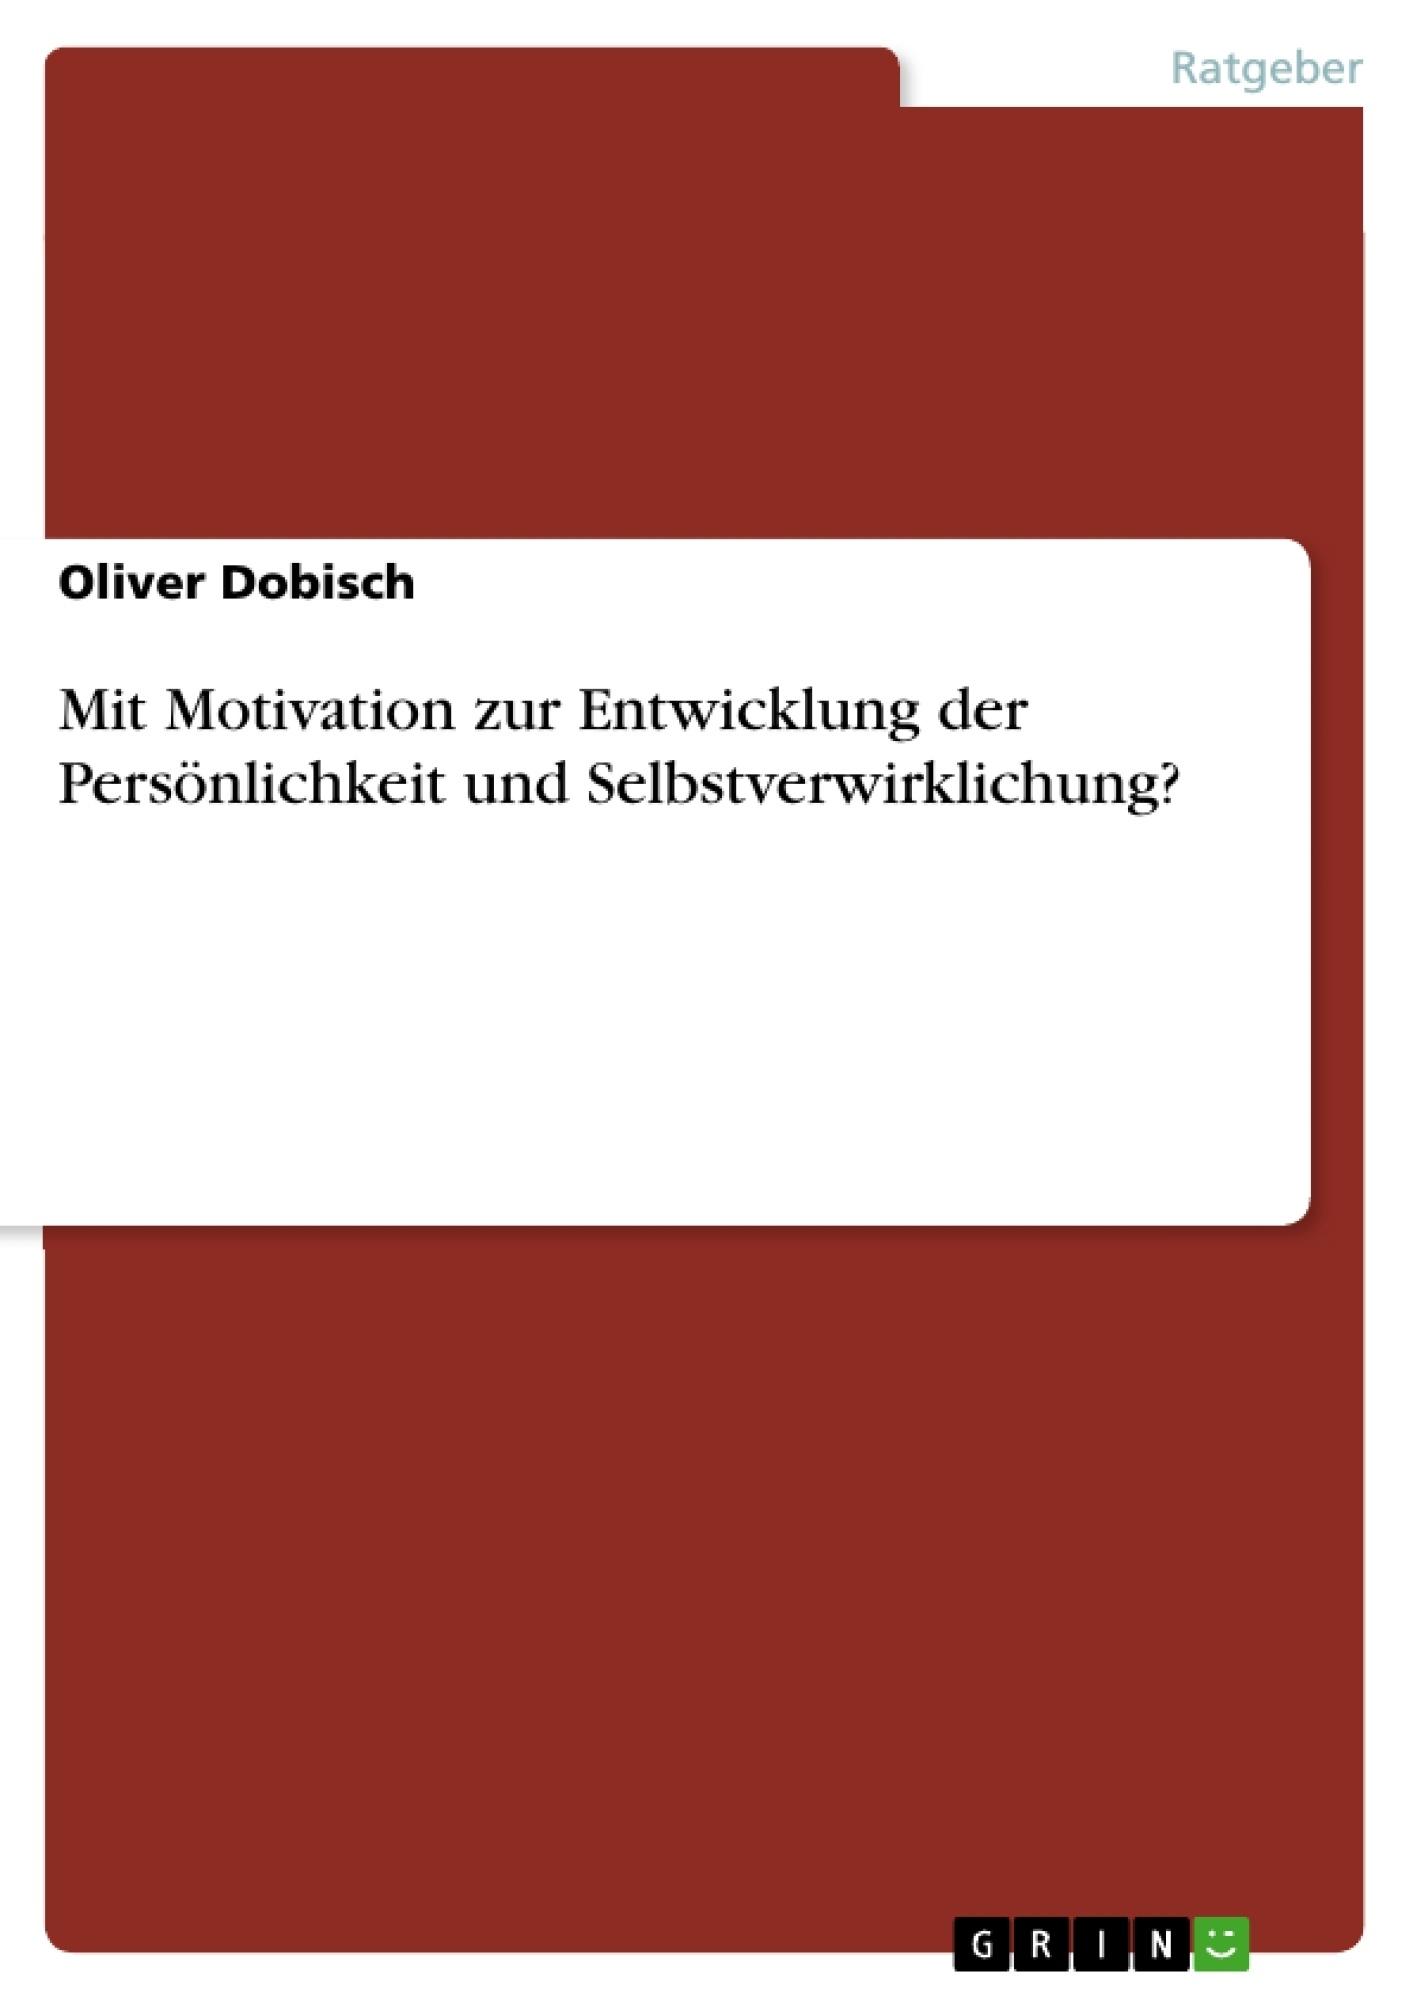 Titel: Mit Motivation zur Entwicklung der Persönlichkeit und Selbstverwirklichung?